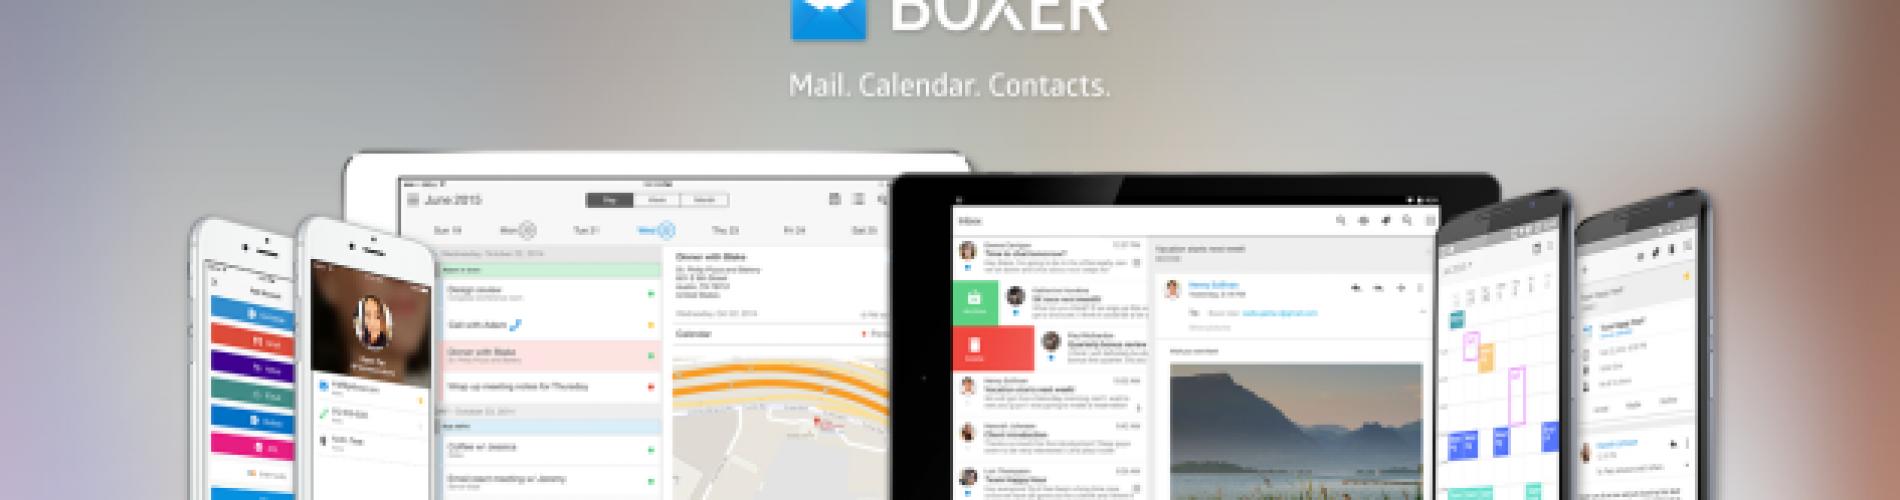 Cyanogen switching their default calendar to use Boxer calendar